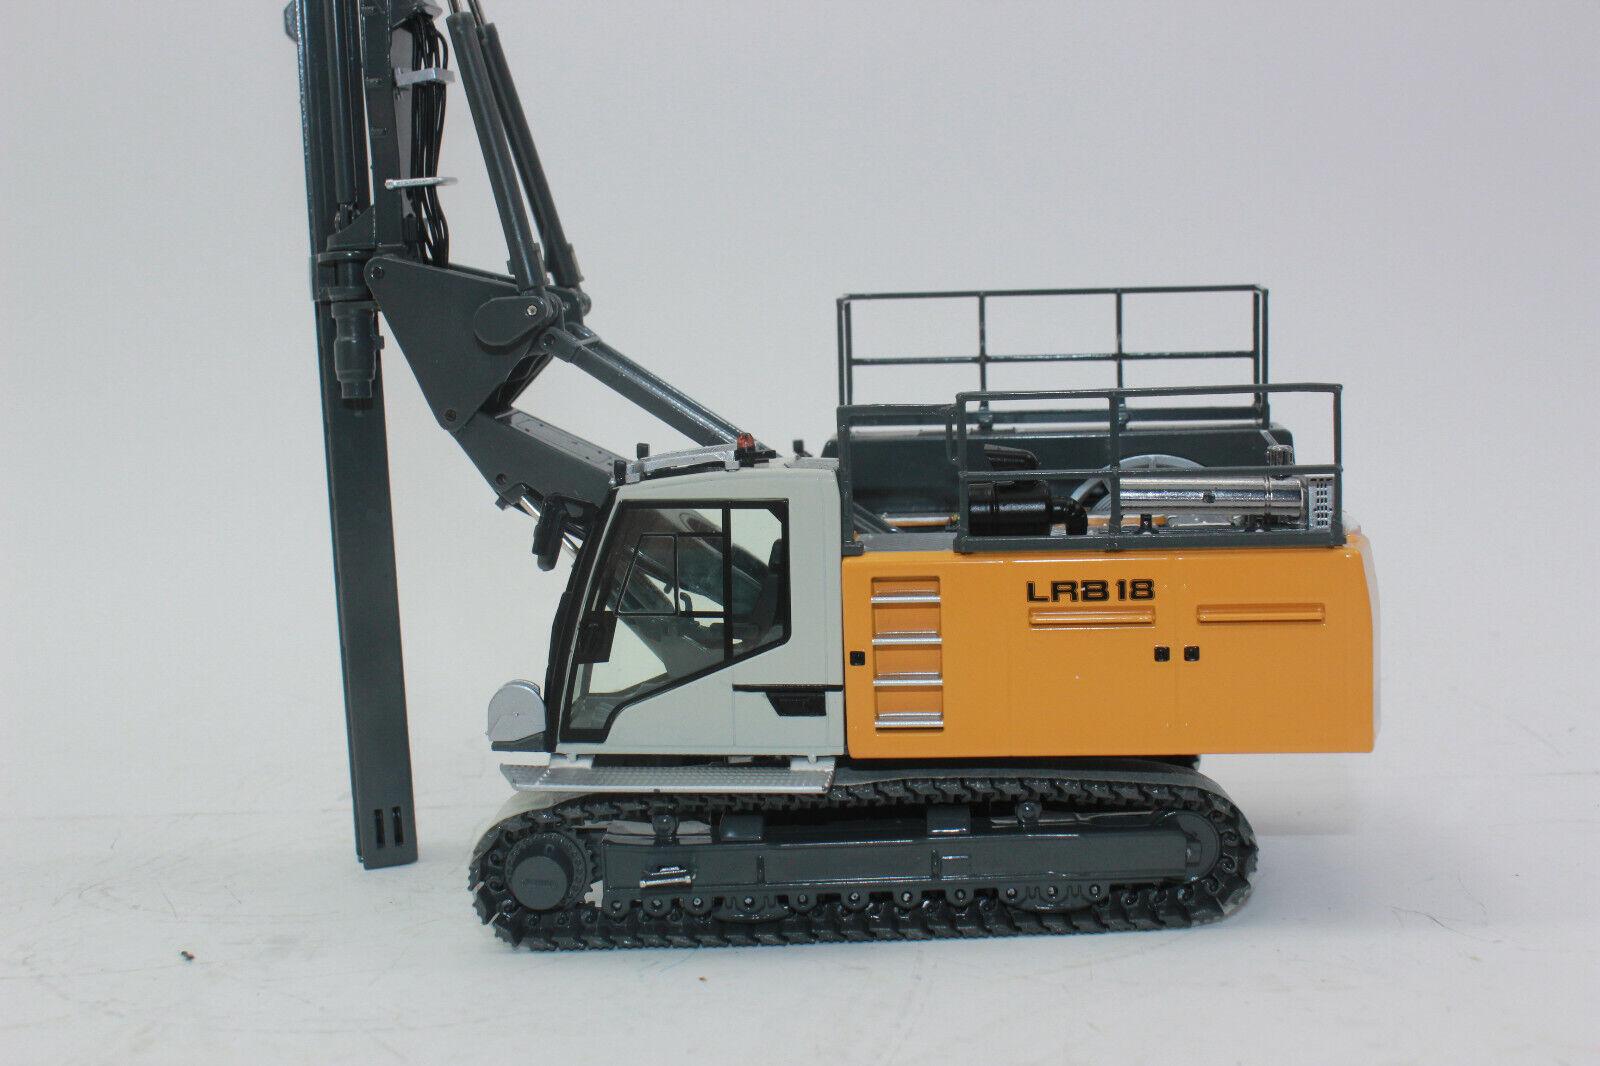 NZG 990 LIEBHERR CCL 18 Ramm et matériel de forage rammgerät nouveau dans neuf dans sa boîte